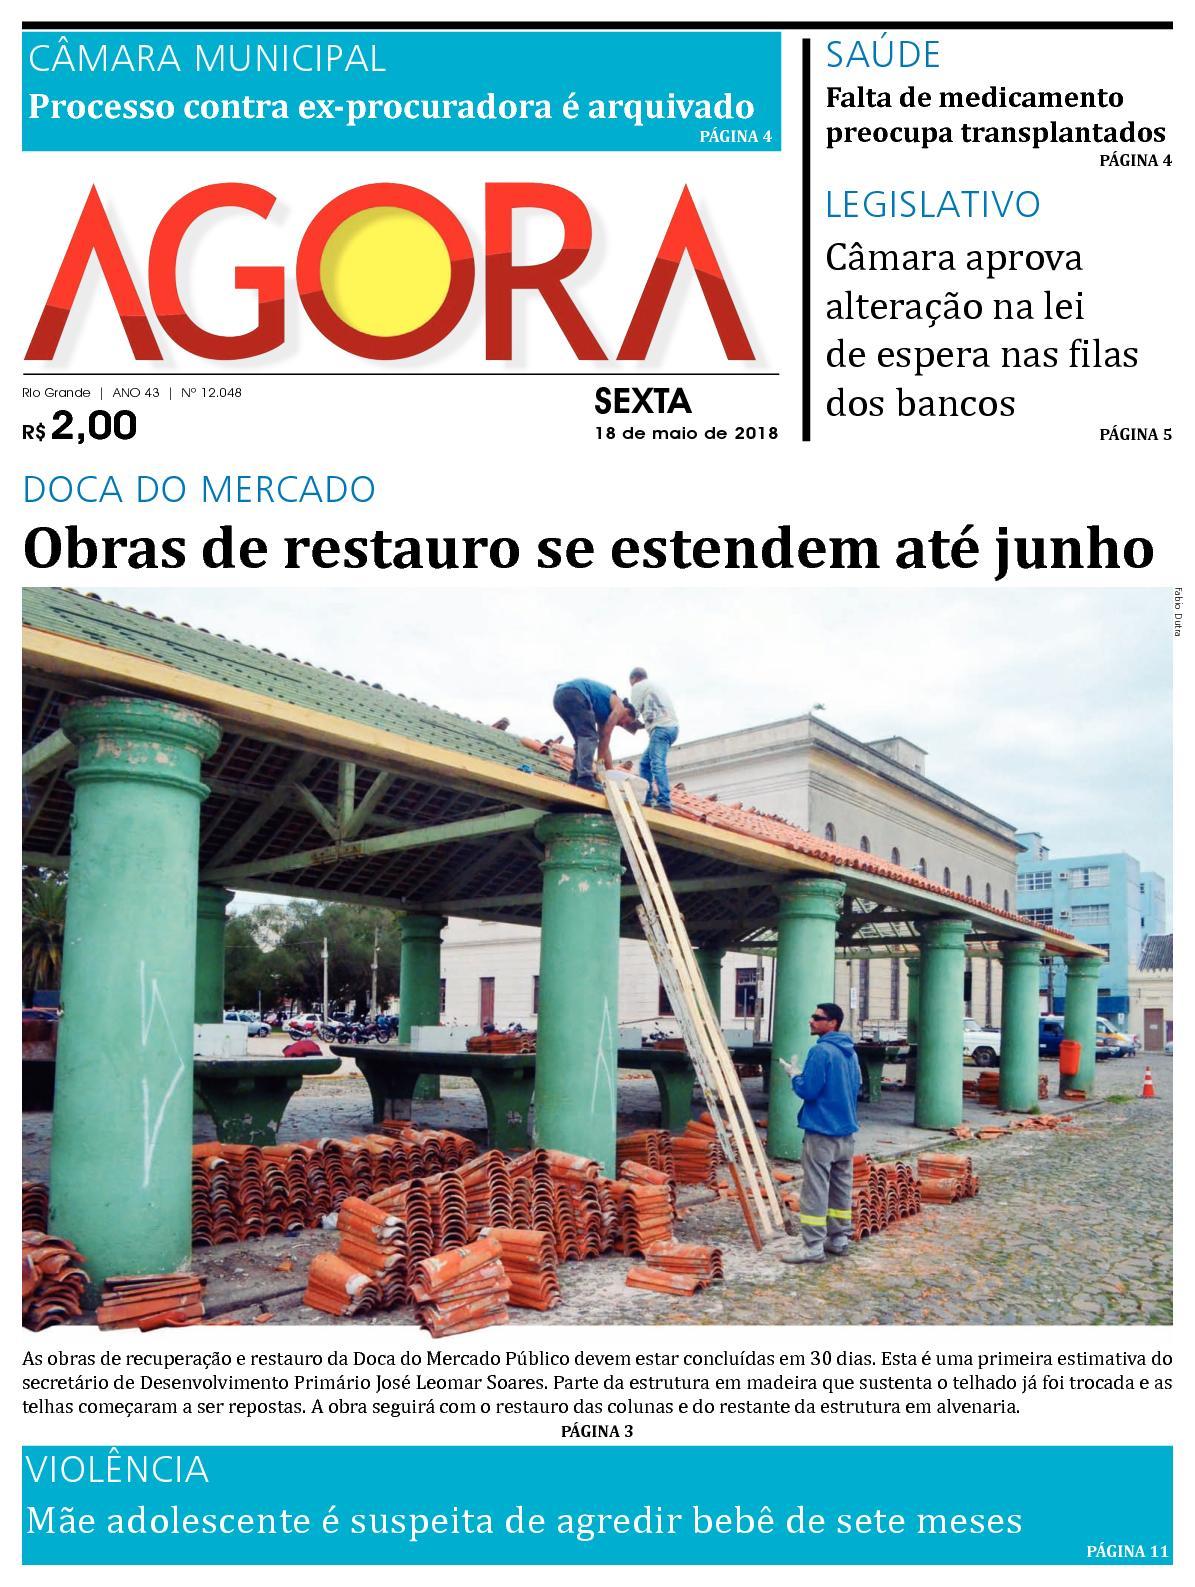 Calaméo - Jornal Agora - Edição 12048 - 18 de Maio de 2018 4c0c2c362b8f8